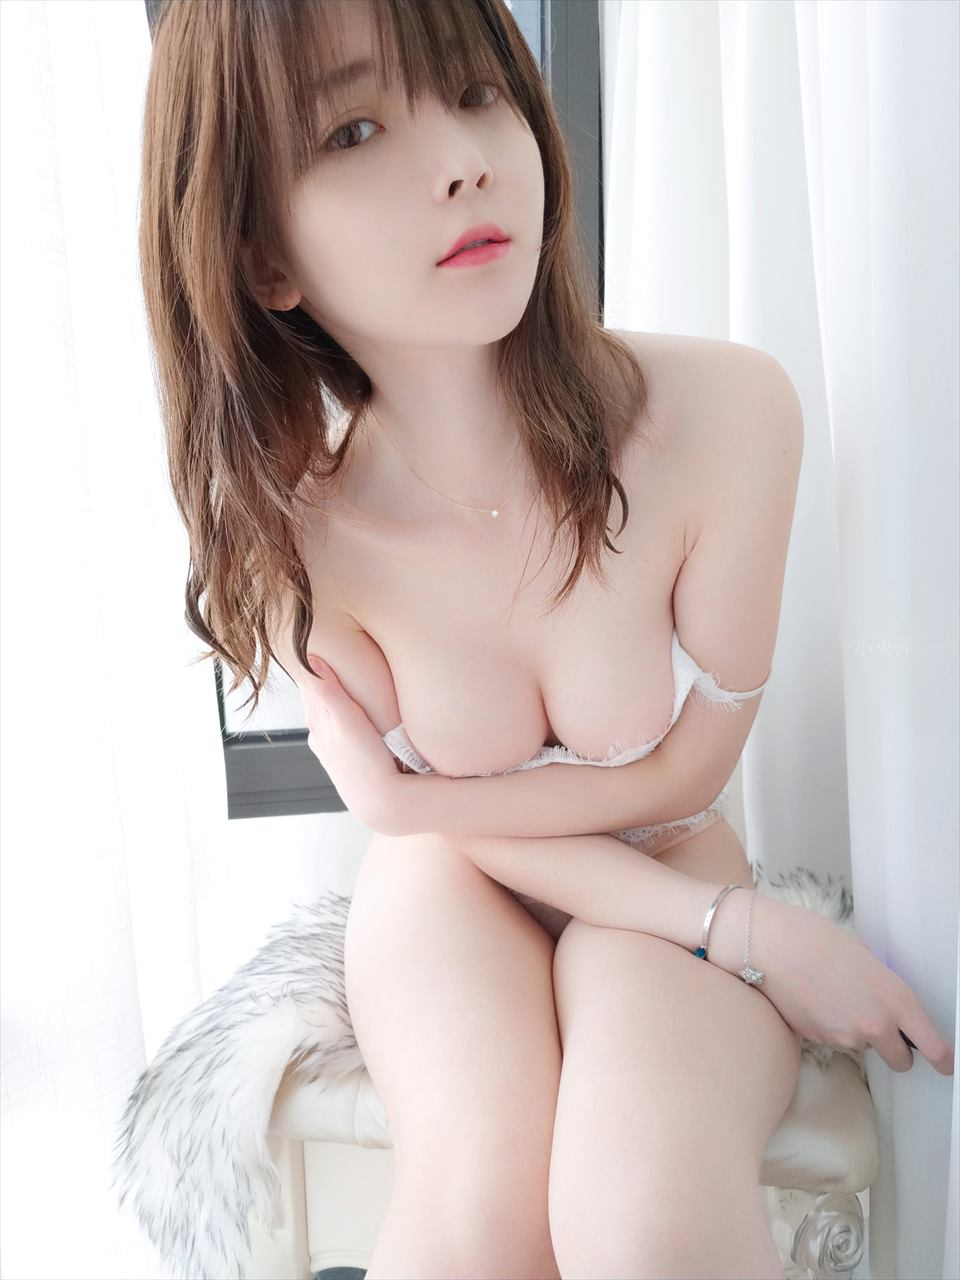 一小央泽 Yixiaoyangze